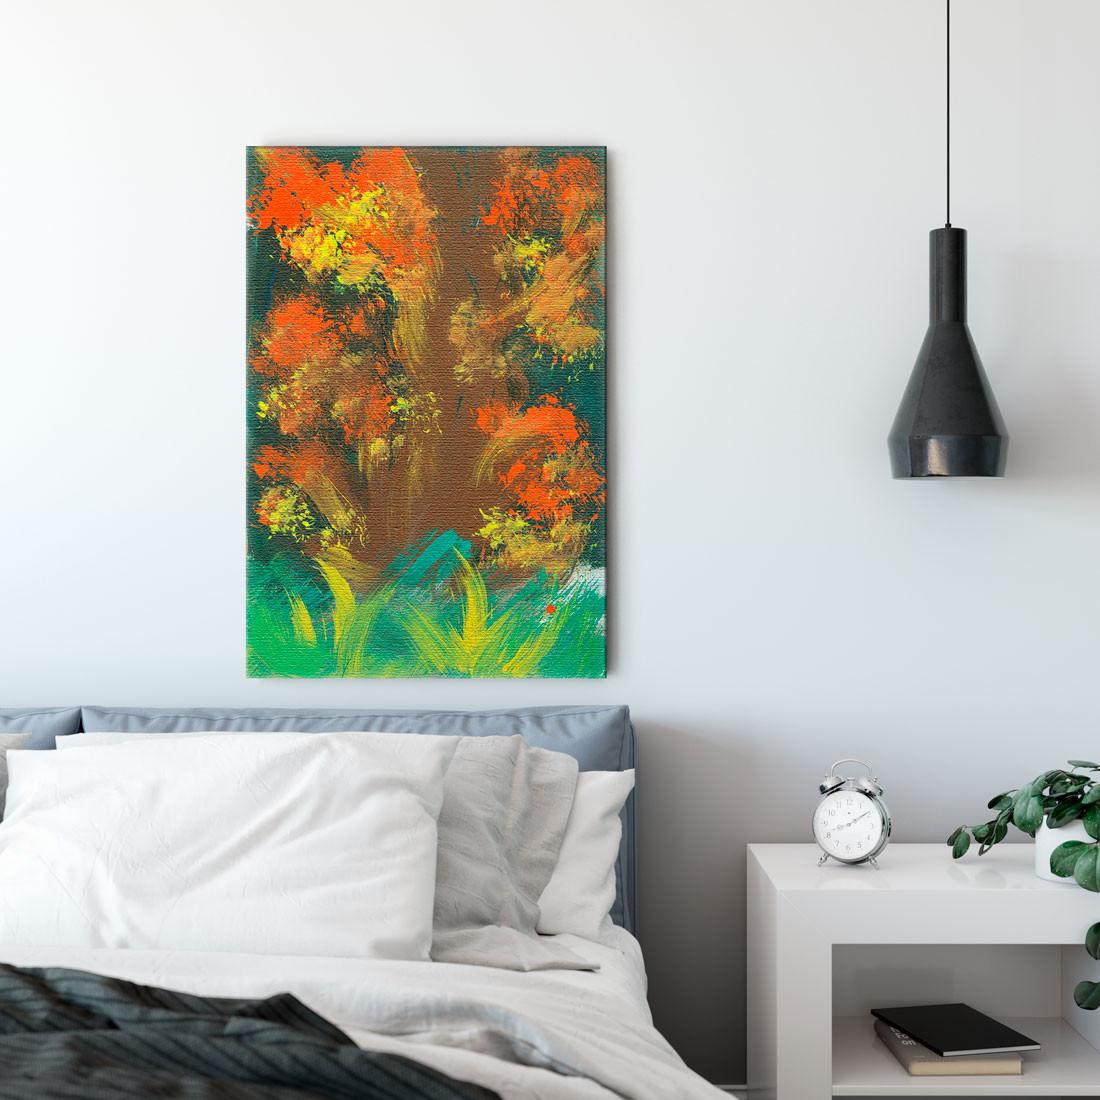 Quadro Decorativo Pintura Abstrata Árvore Outono